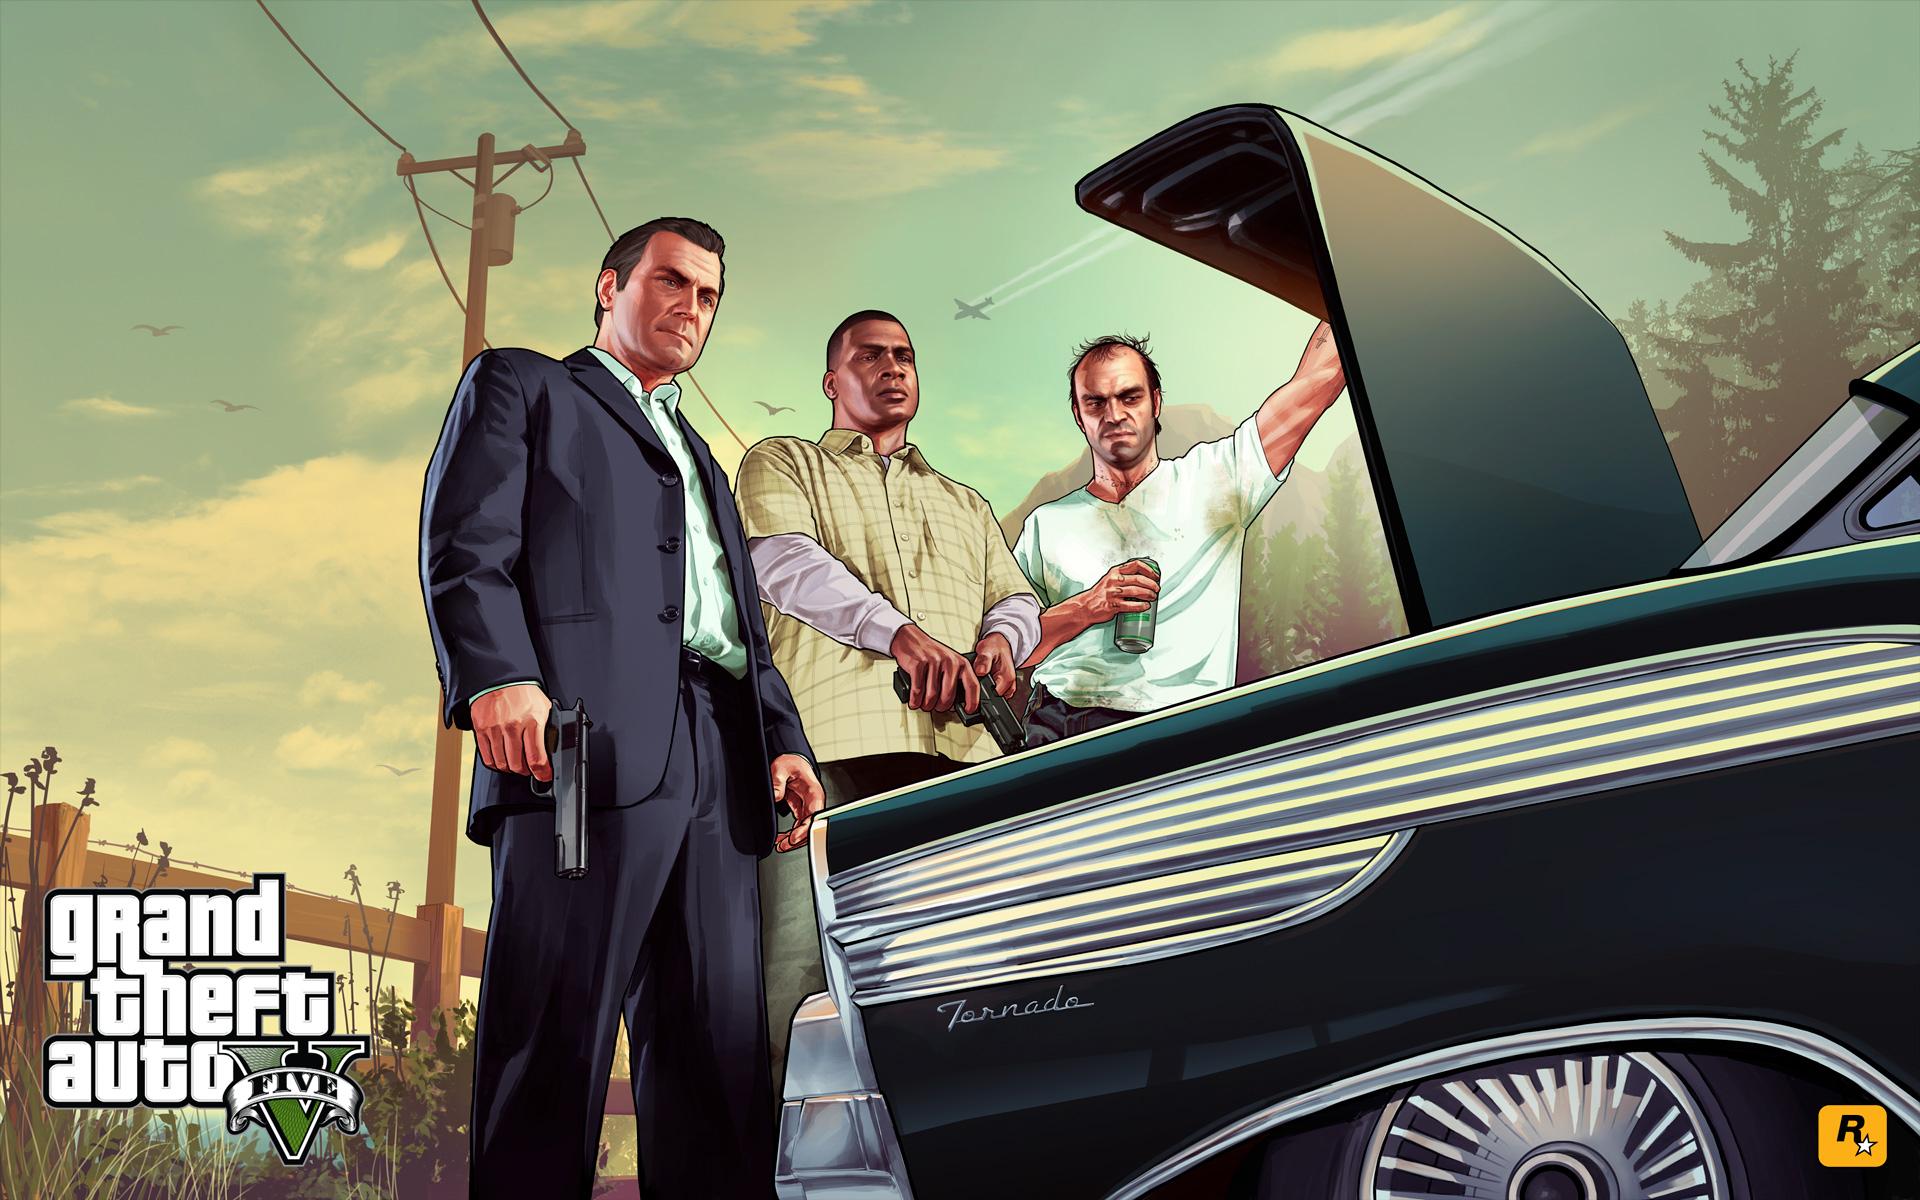 Telecharger Gta 5 Pc Gratuit | Télécharger Grand Theft Auto pour Jeux Gratuits À Télécharger Sur Pc